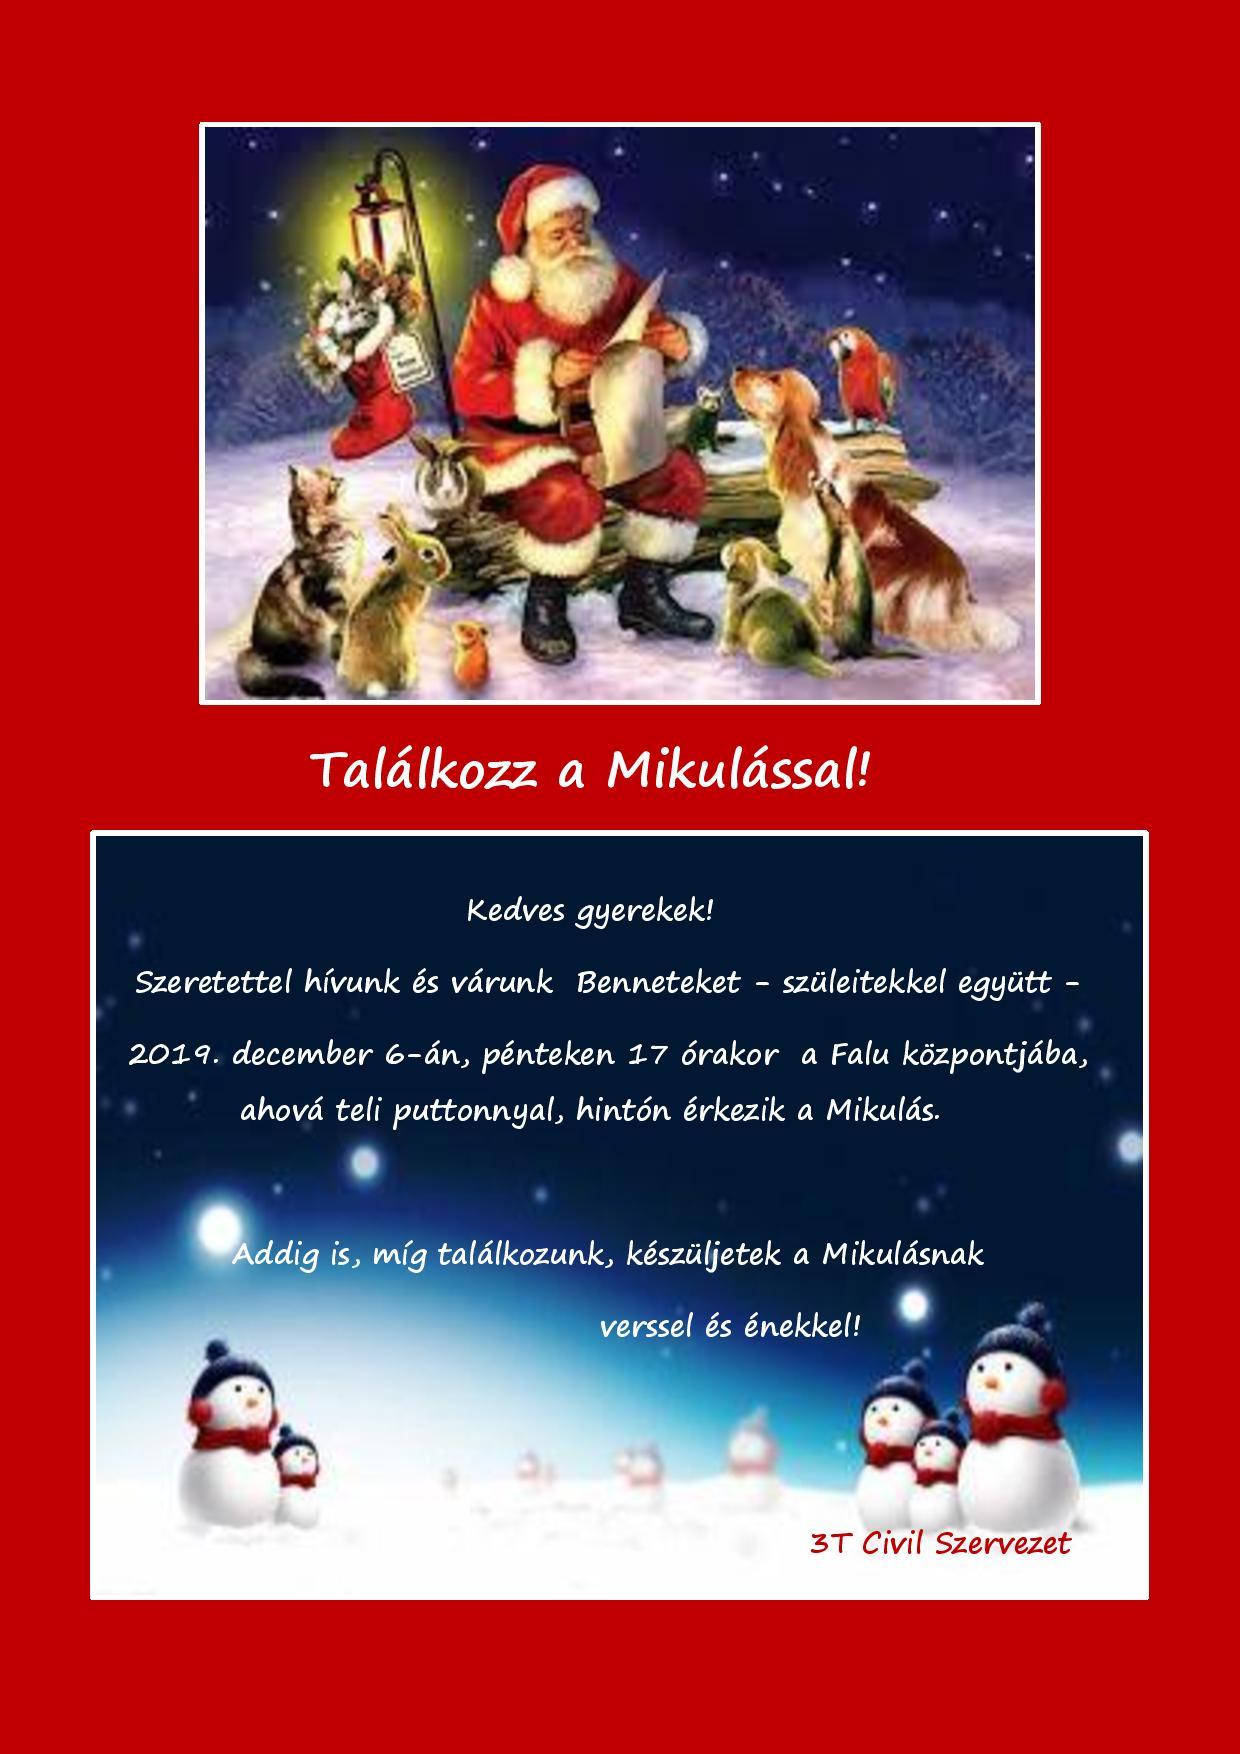 Talalkozz-a-Mikulassal-page-001